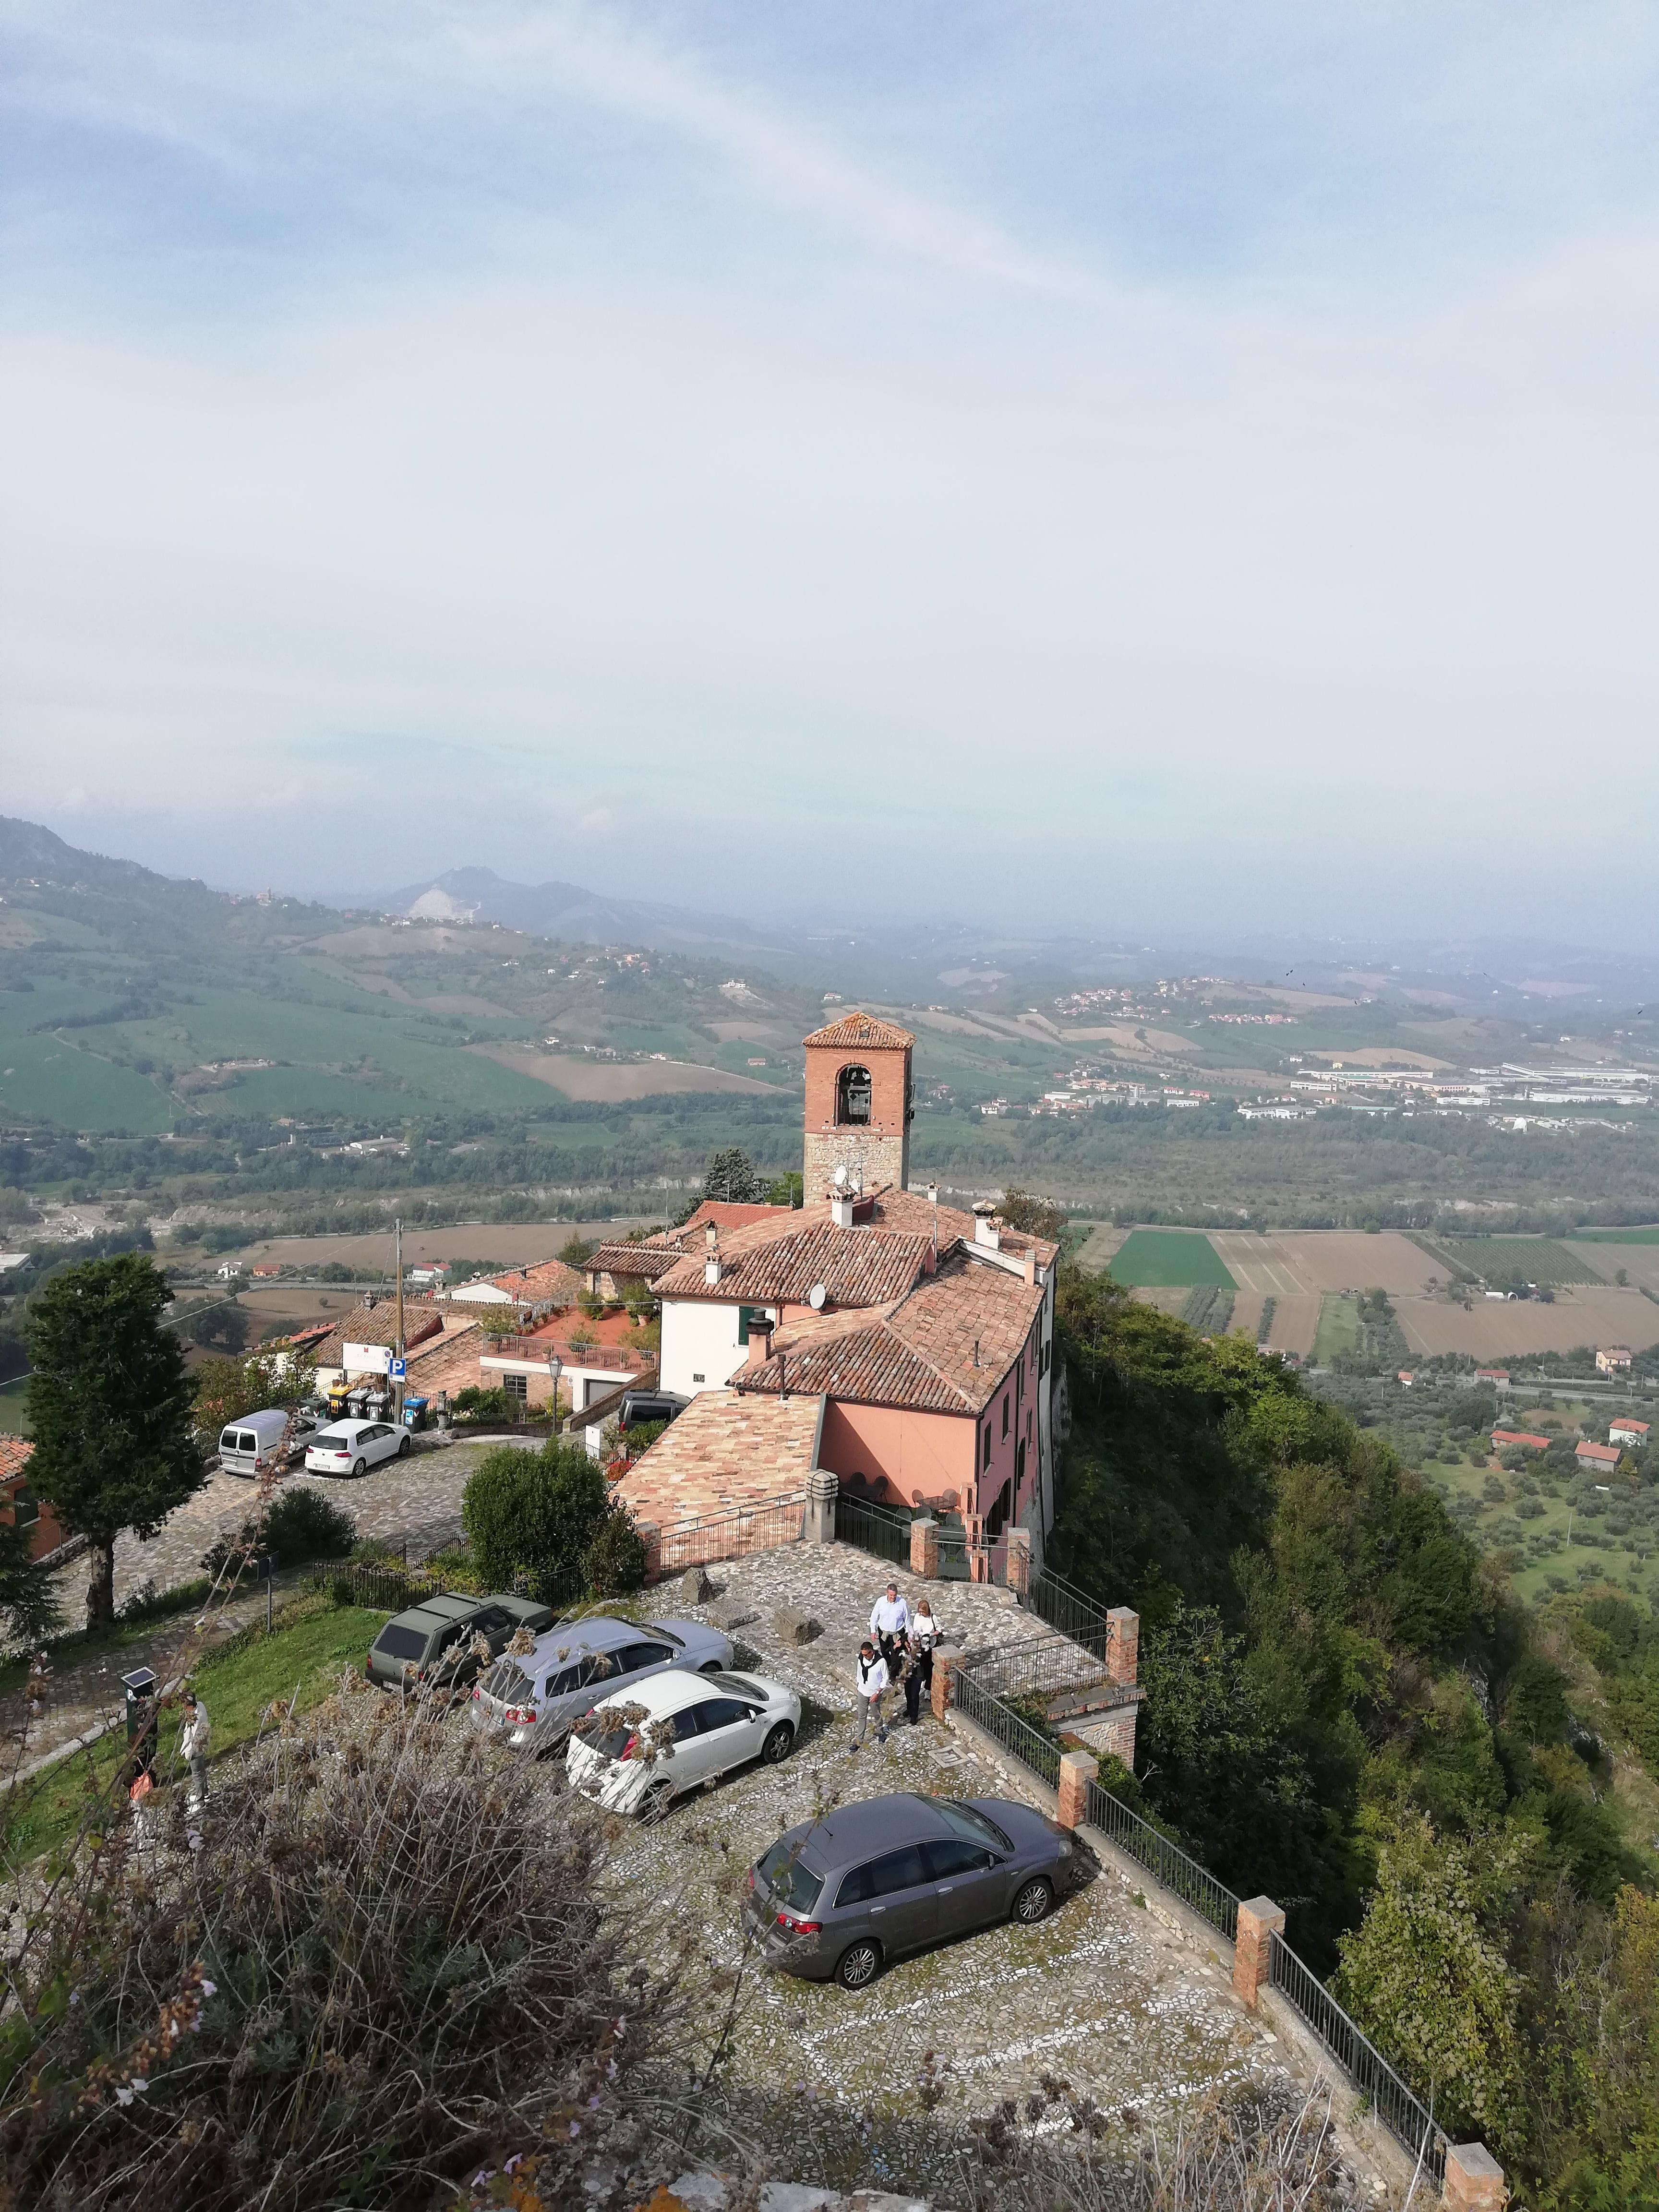 VERUCCHIO COSA VEDERE, vista del borgo dall'alto